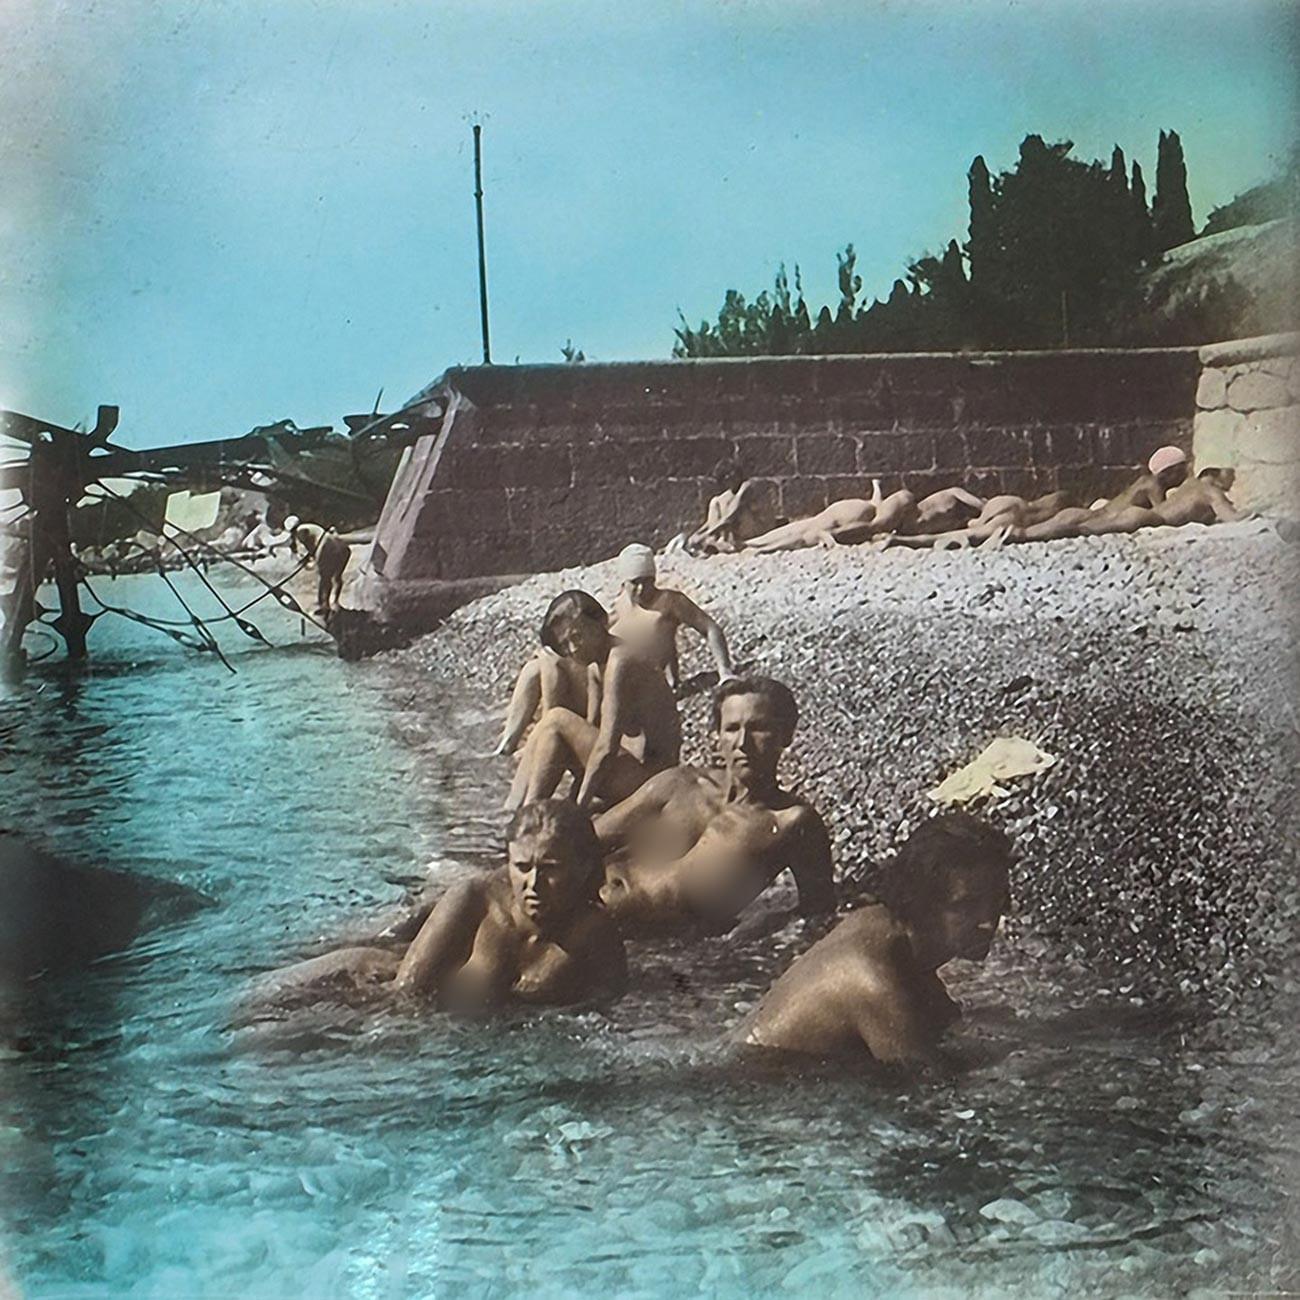 Nackte Arbeiter und Kollektivbauern an einem Strand auf der Krim, 1931.